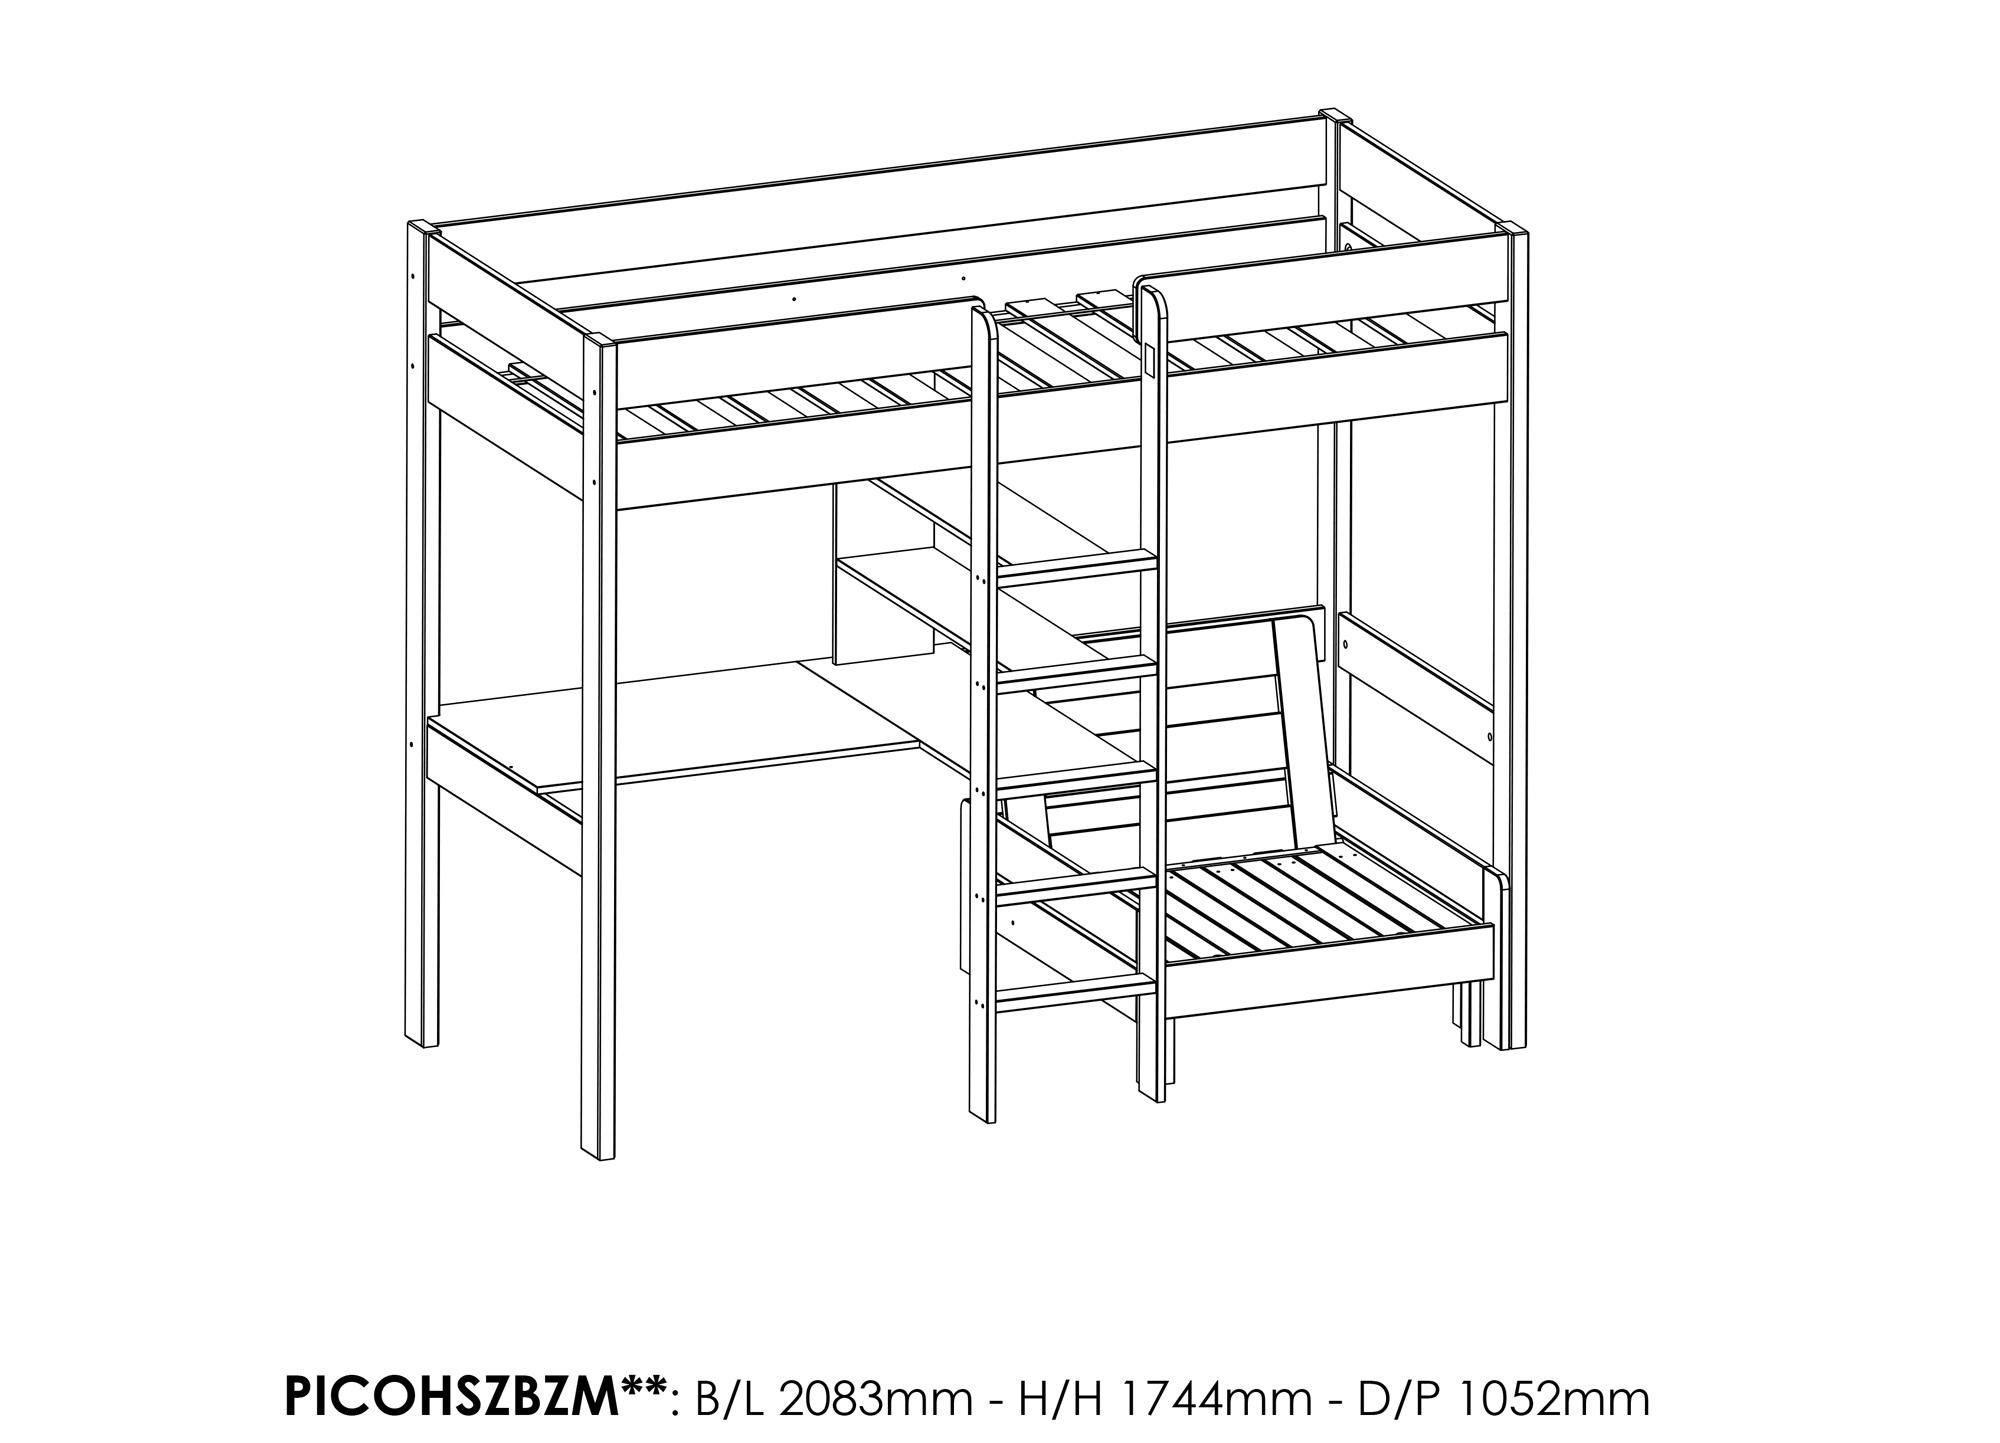 lit mezzanine avec bureau et fauteuil alexis en pin massif so nuit. Black Bedroom Furniture Sets. Home Design Ideas